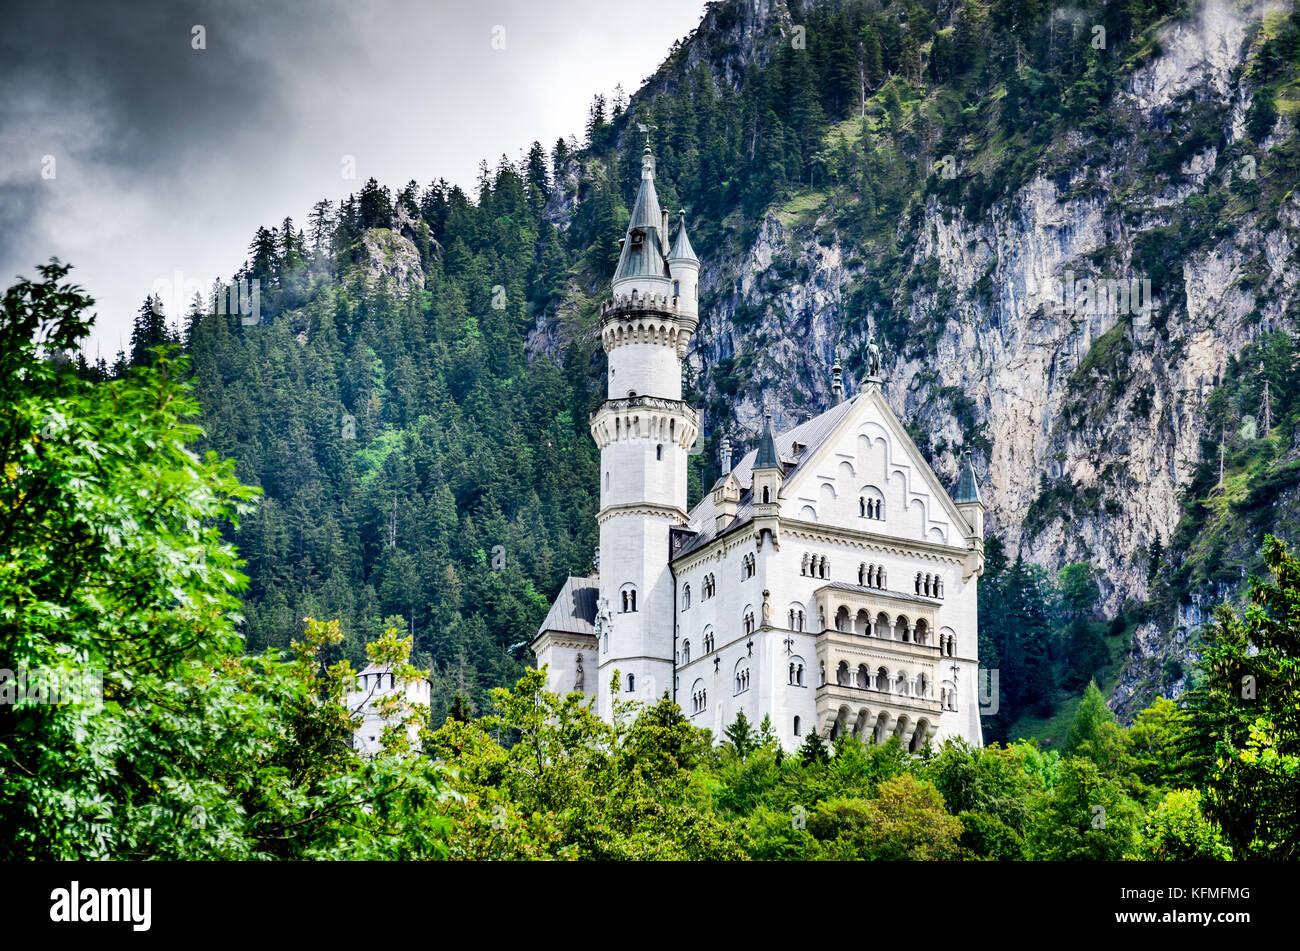 Neuschwanstein, Germany - Neuschwanstein Castle, Alps Mountainsd, southwest Bavaria. - Stock Image